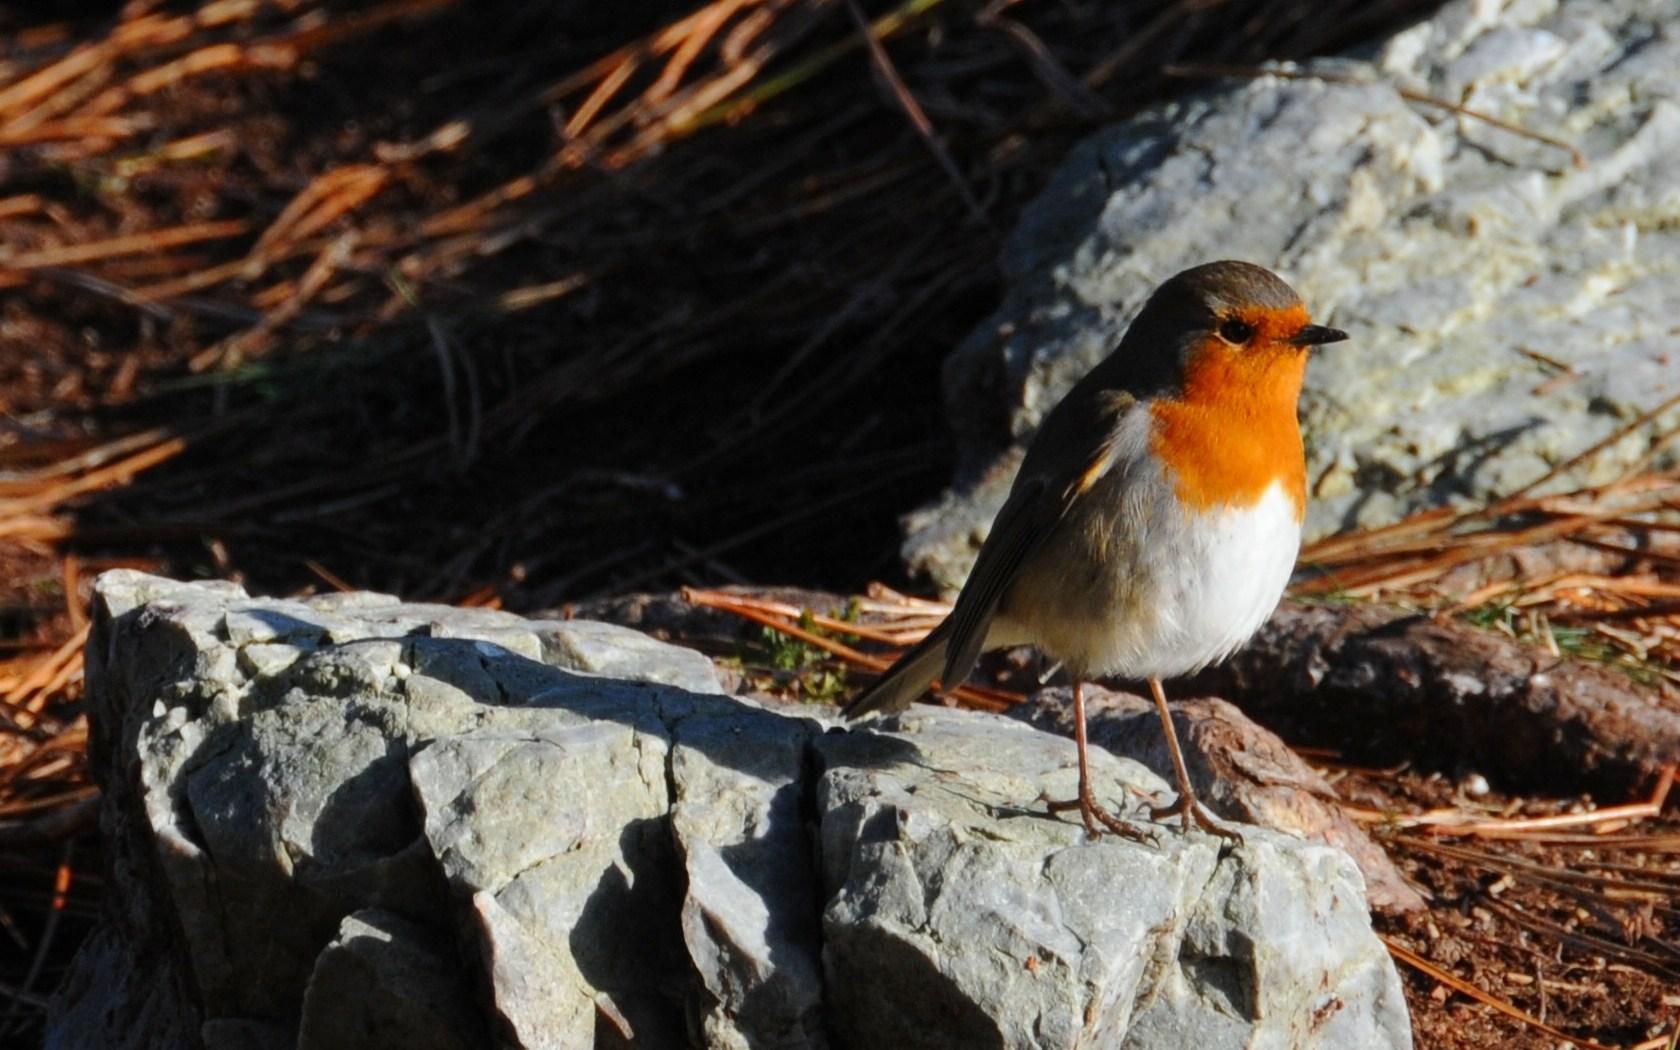 http://images.toucharger.com/img/graphiques/fonds-d-ecran/animaux/oiseaux/rouge-gorge-breton.73181.jpg